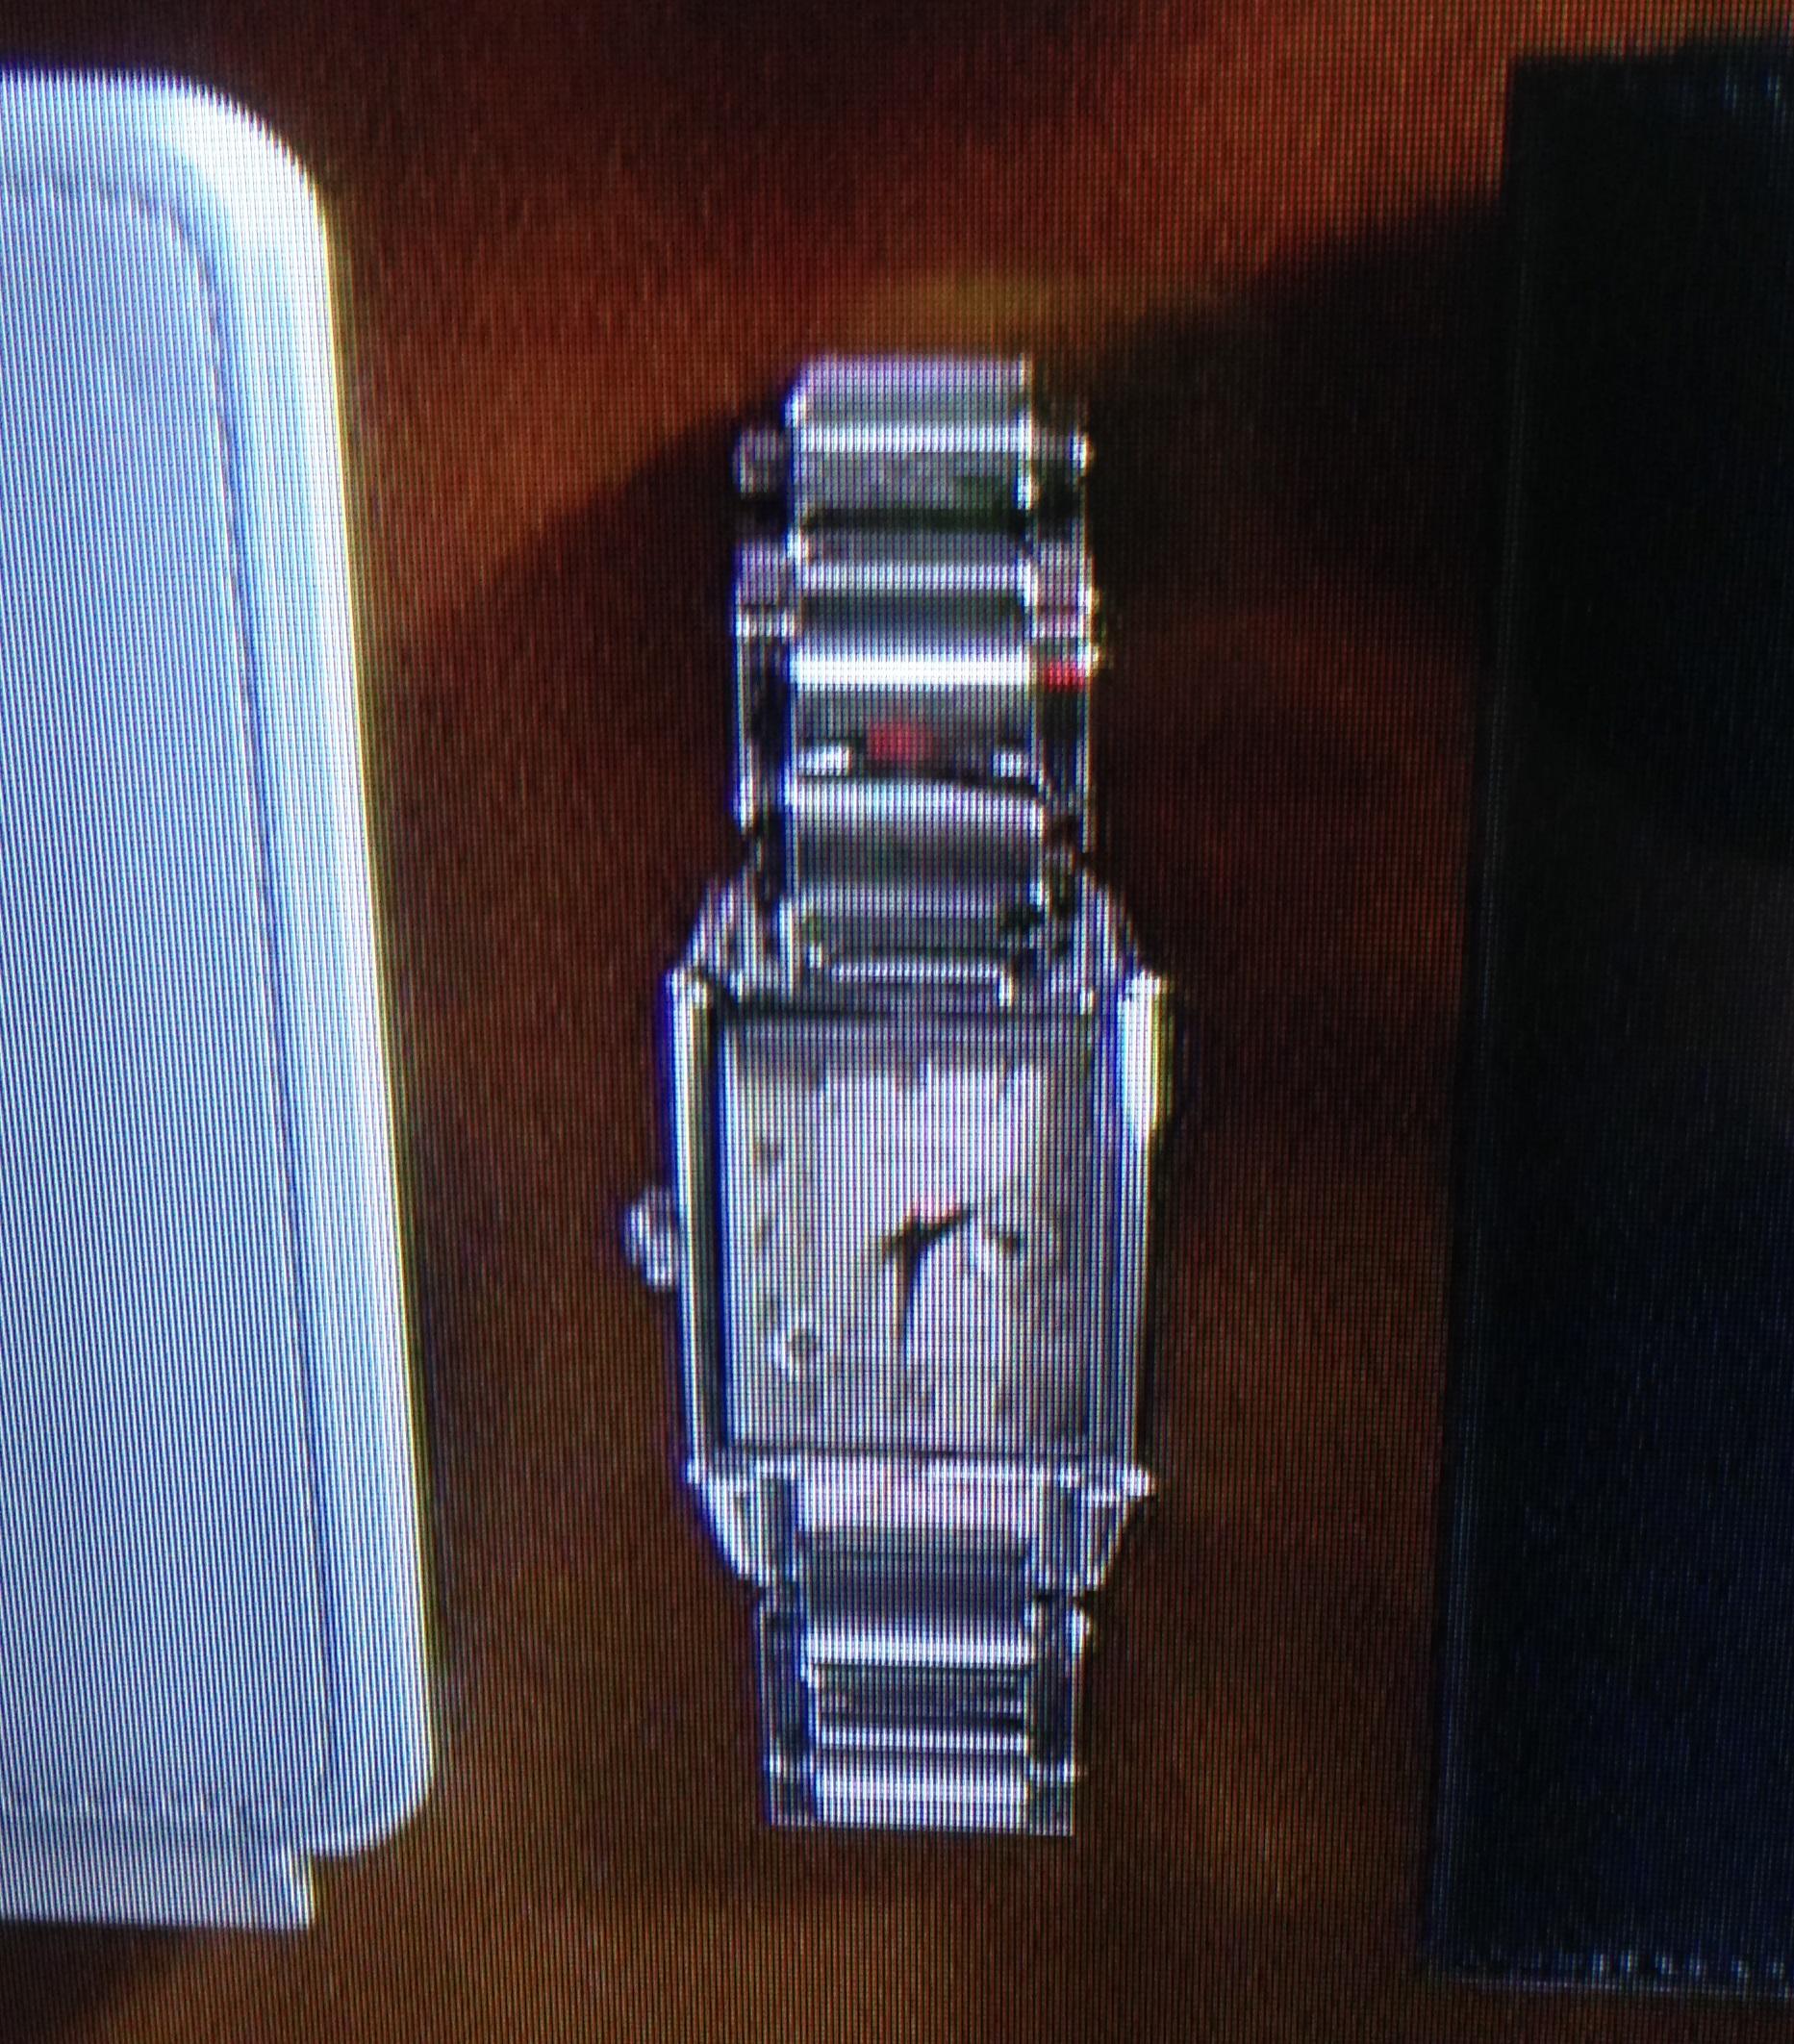 結婚できない男 時計